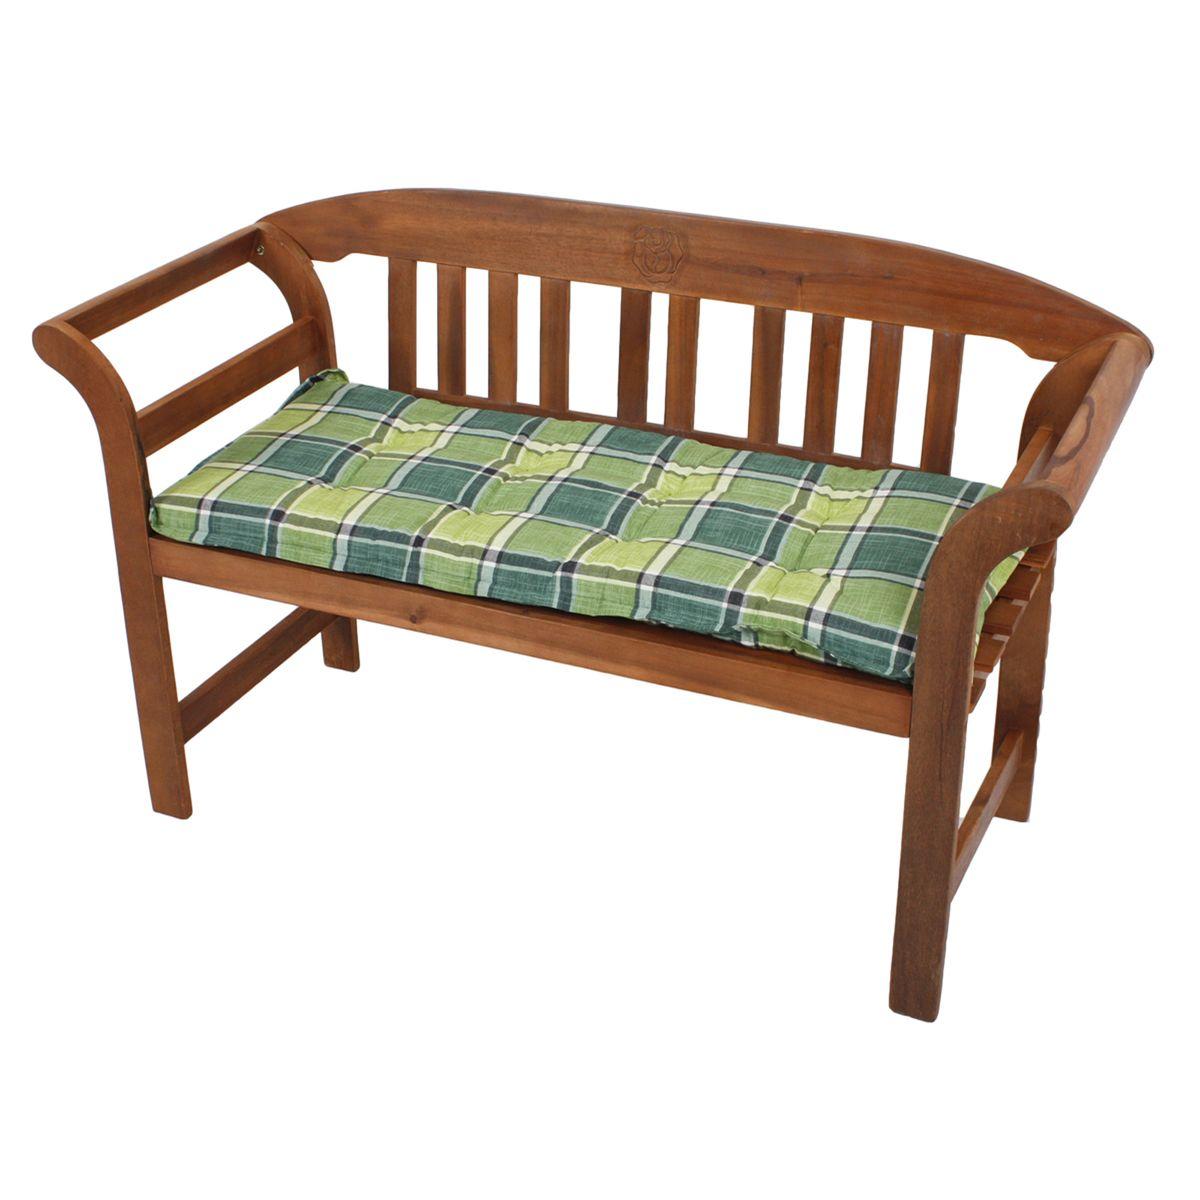 bankauflage gr n kariert 110 cm l nge gartenm bel. Black Bedroom Furniture Sets. Home Design Ideas